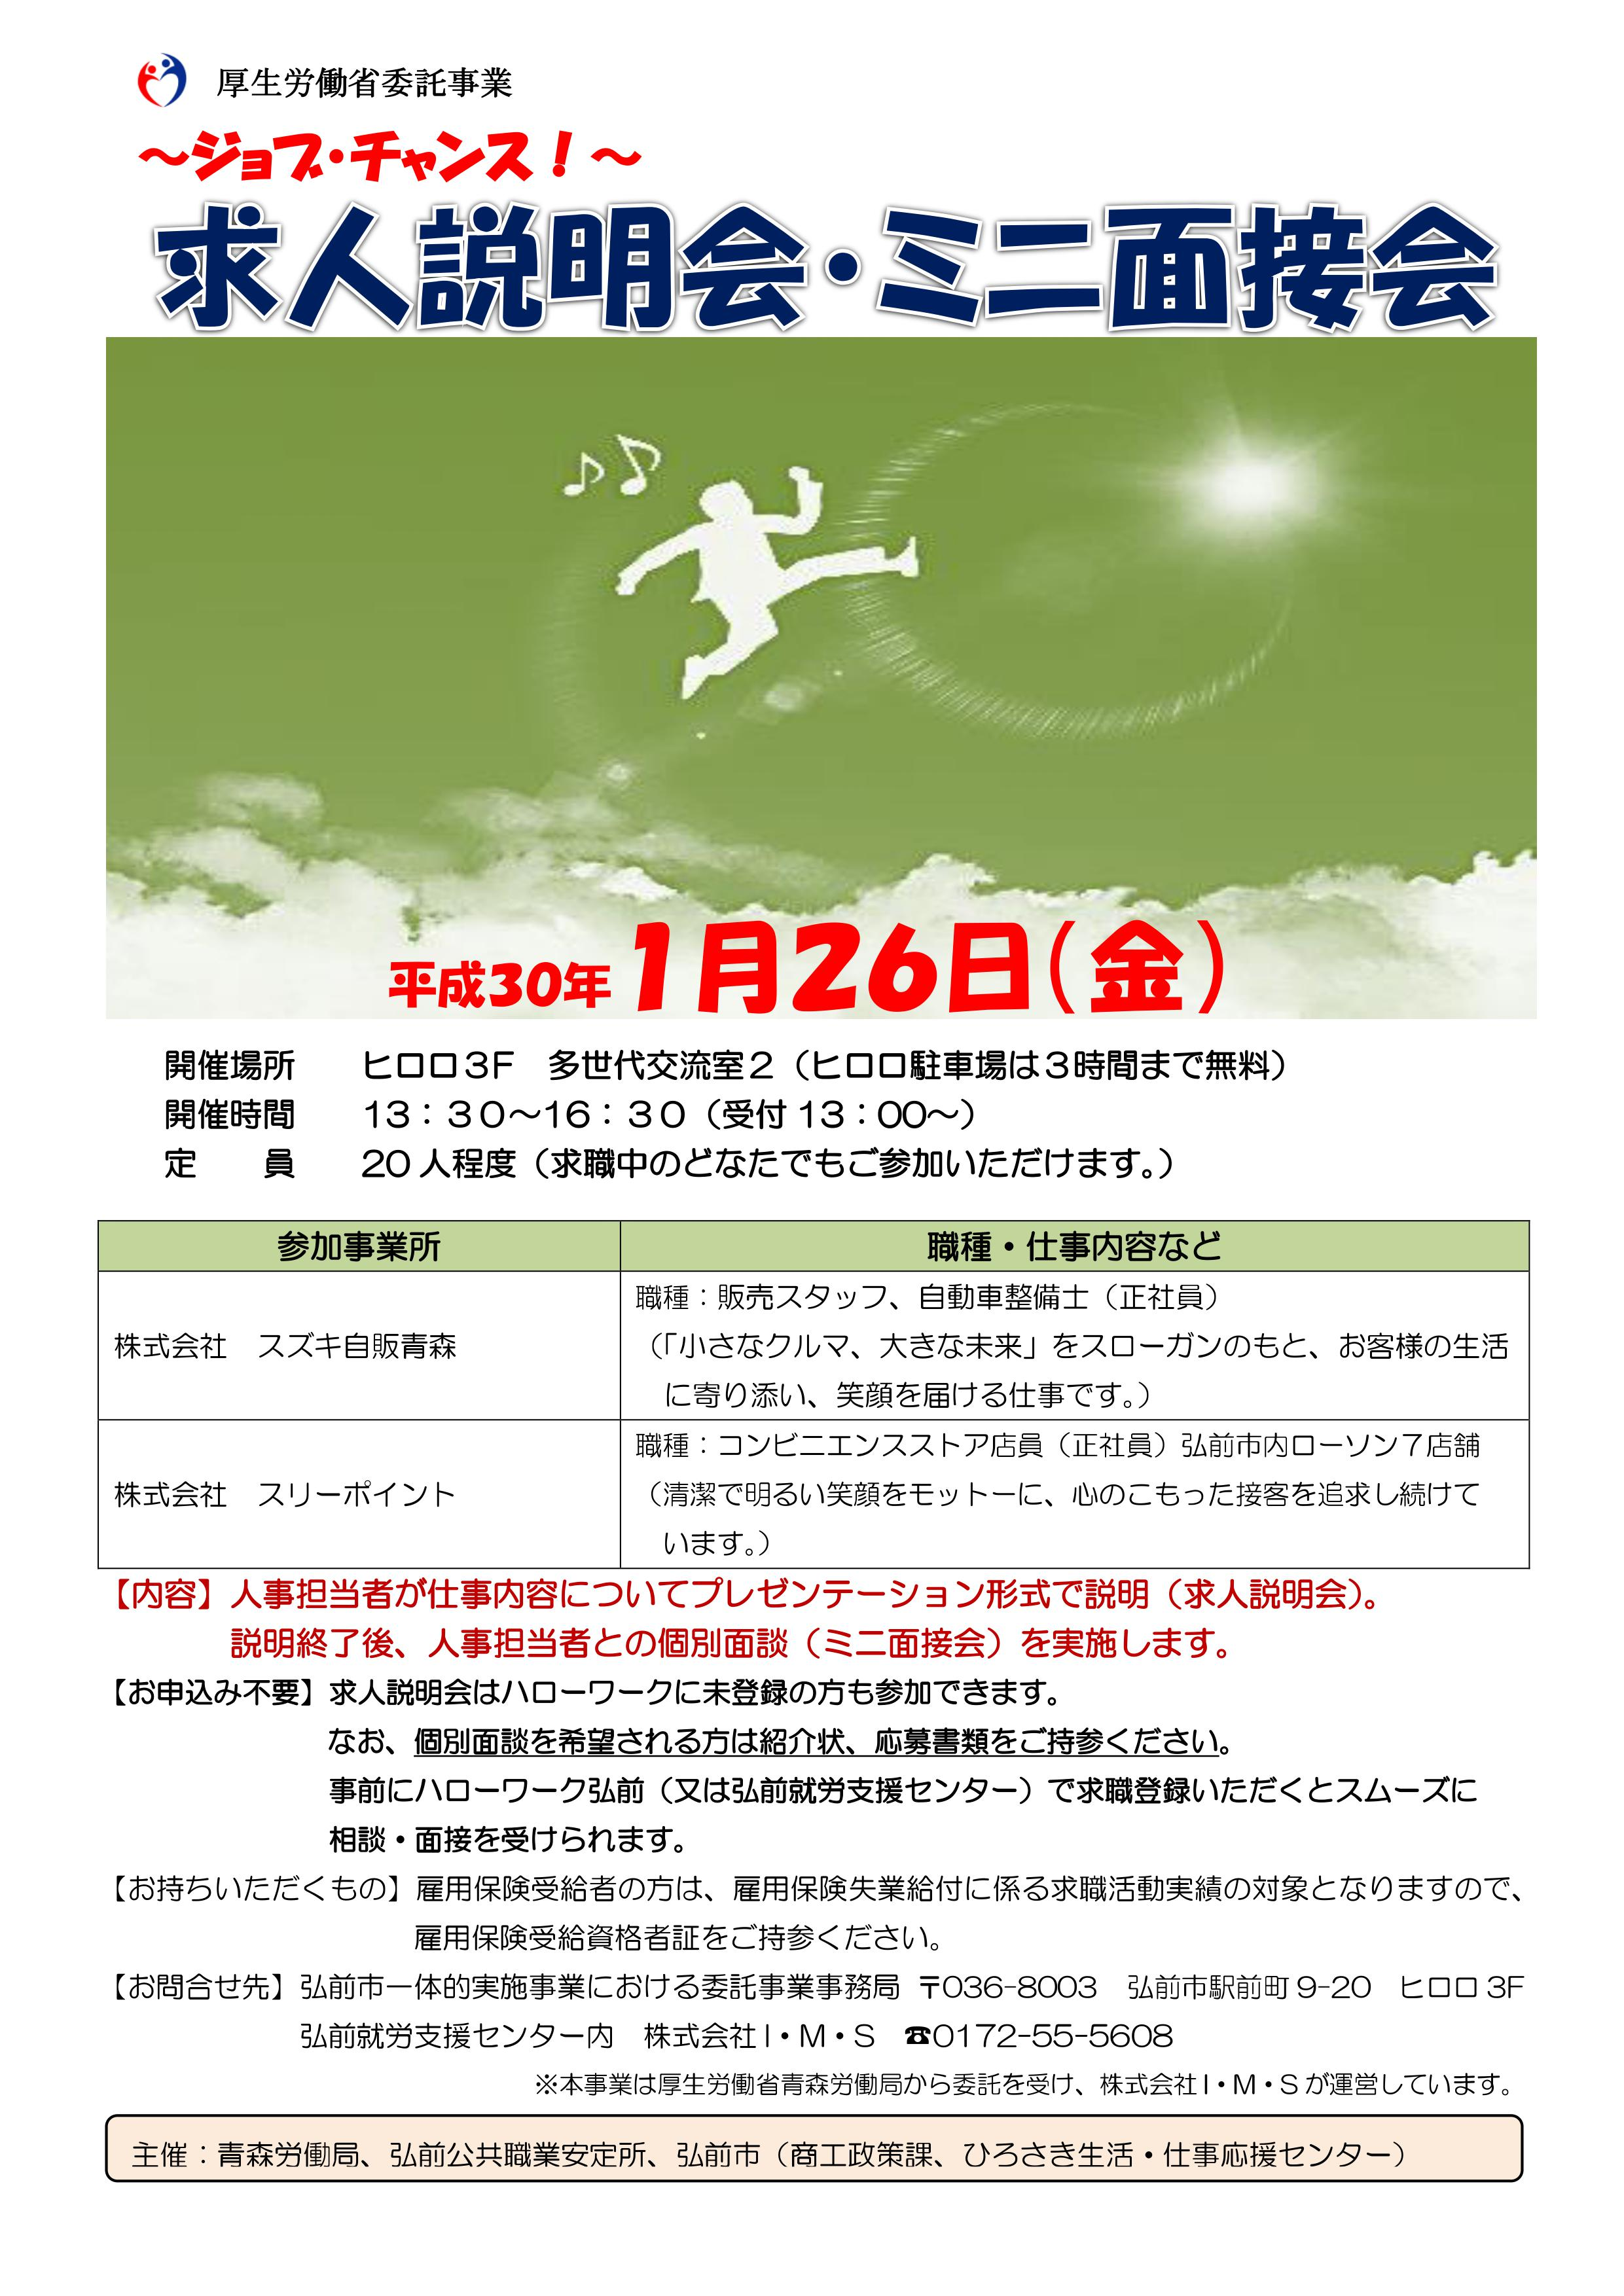 1月26日求人説明会・ミニ面接会.jpg